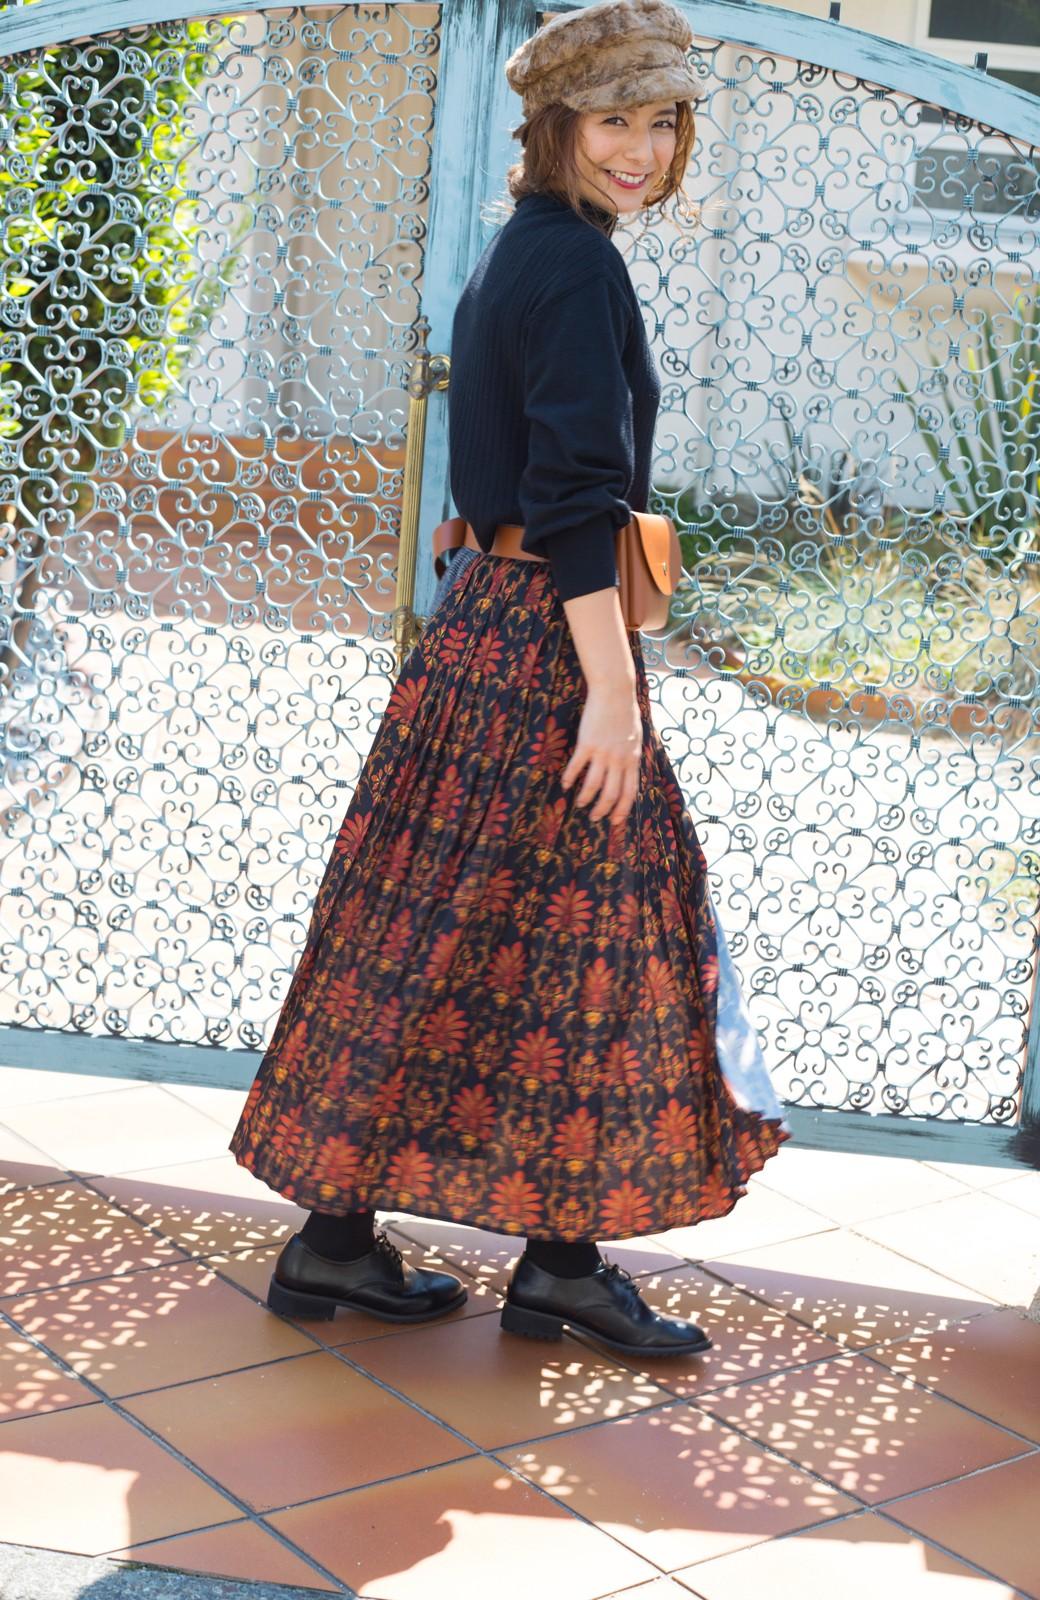 haco! <スザンヌさんコラボ>ラブ&ピースプロジェクト グレンチェック&ダークフラワー柄のアシンメトリースカート <グレー系その他>の商品写真8